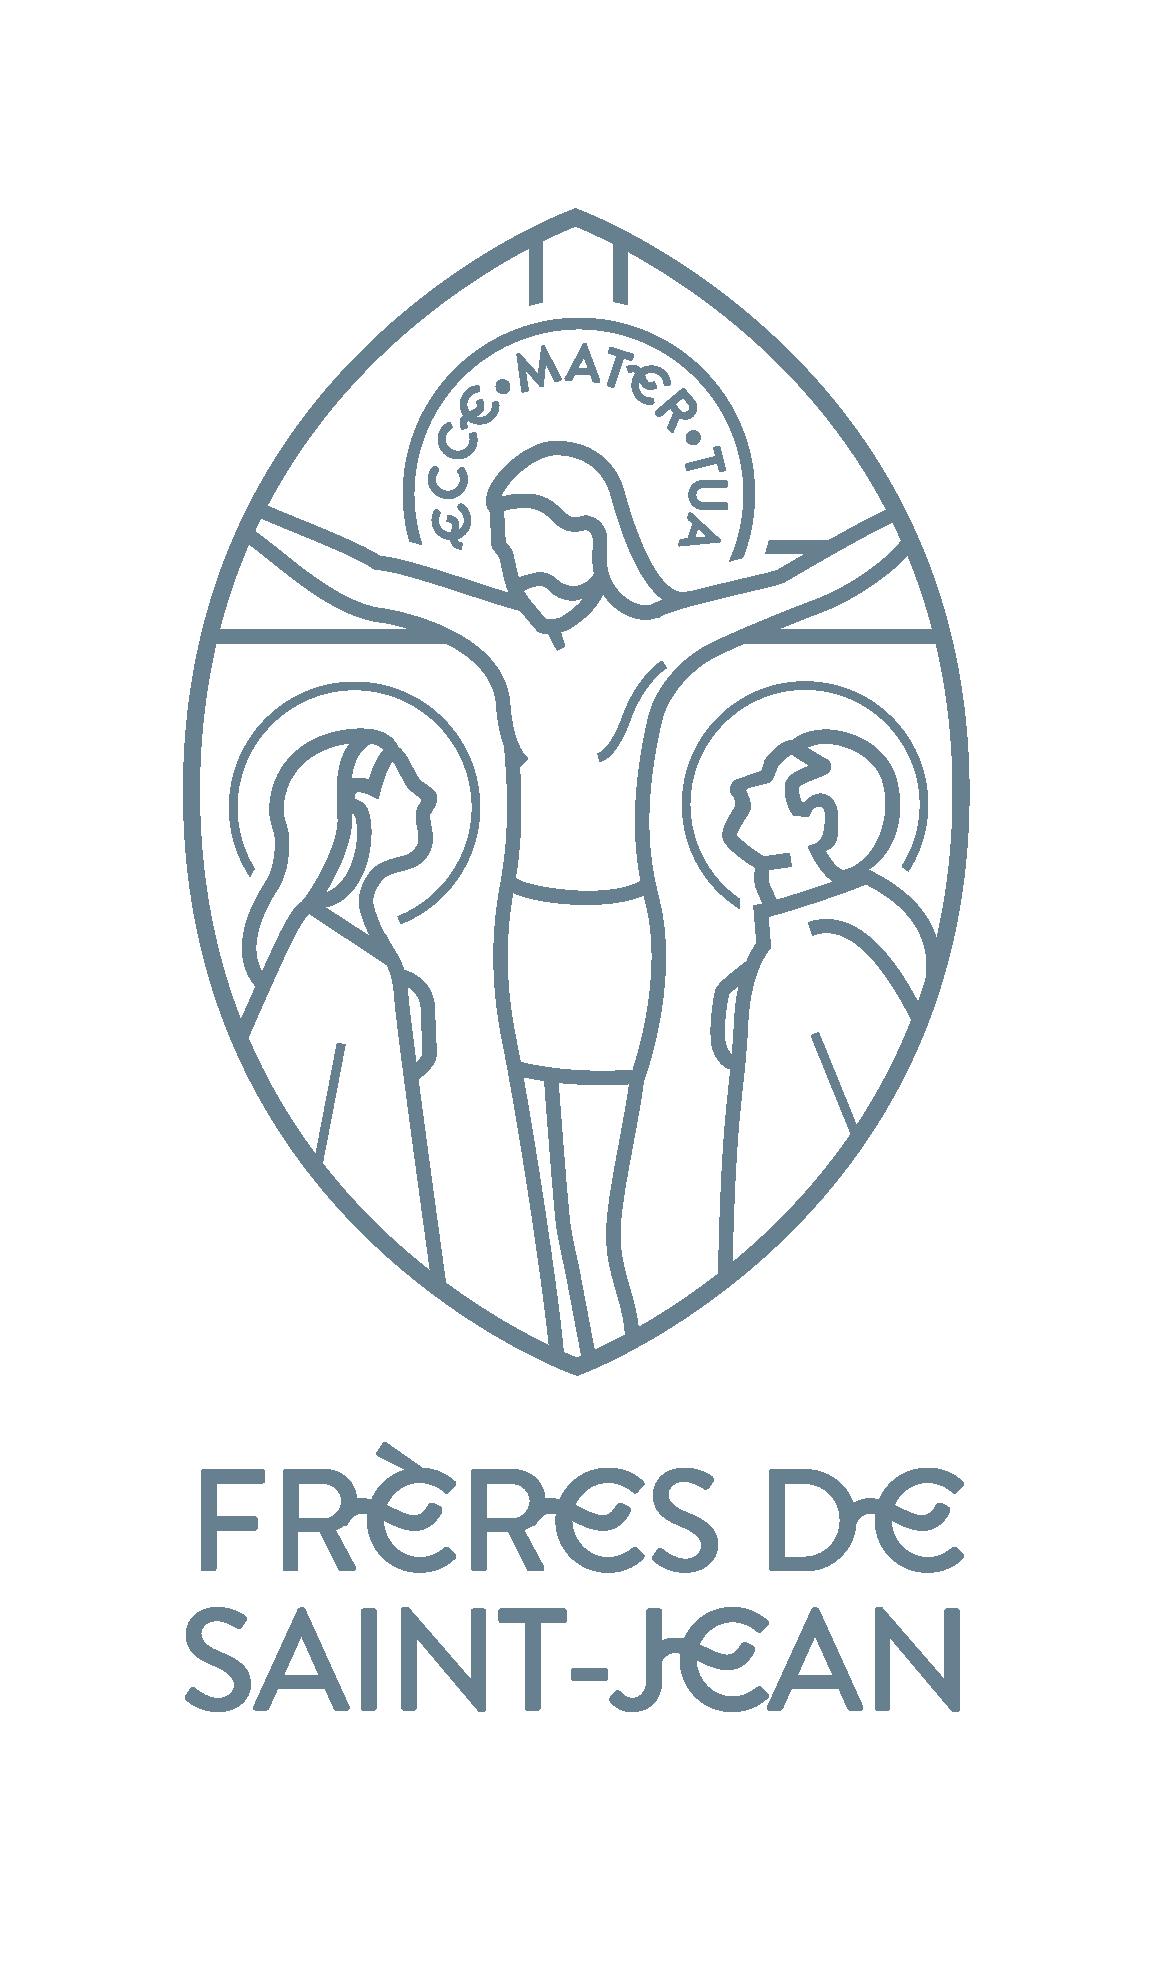 Logo des Frères de saint-Jean